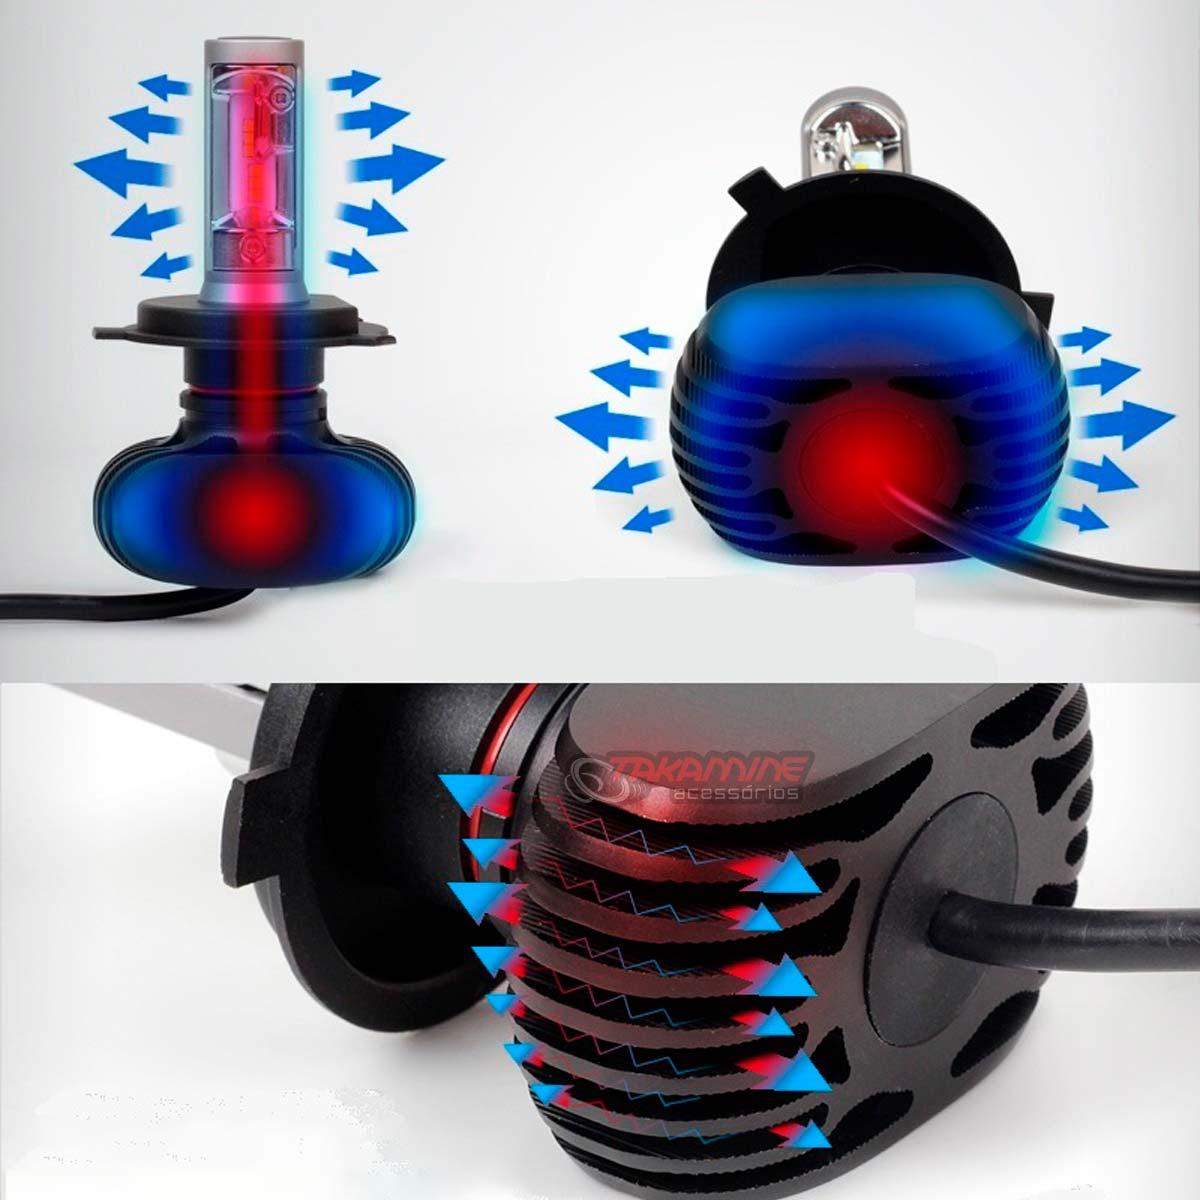 Kit Ultra LED Polo 2002 2003 2004 2005 2006 tipo xenon farol baixo H7 50W